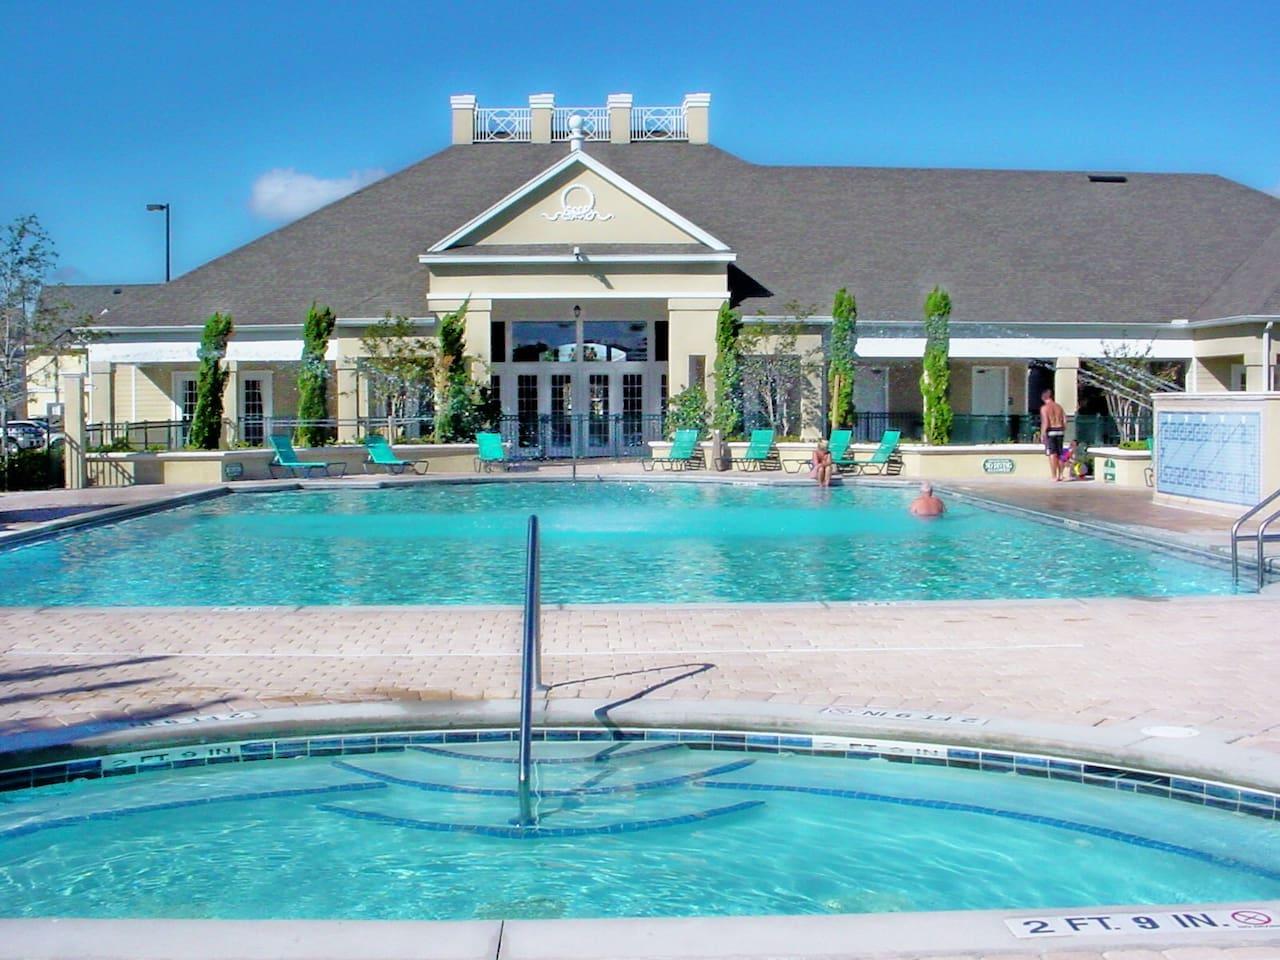 3BD Villa near Disney@VB from $89nt